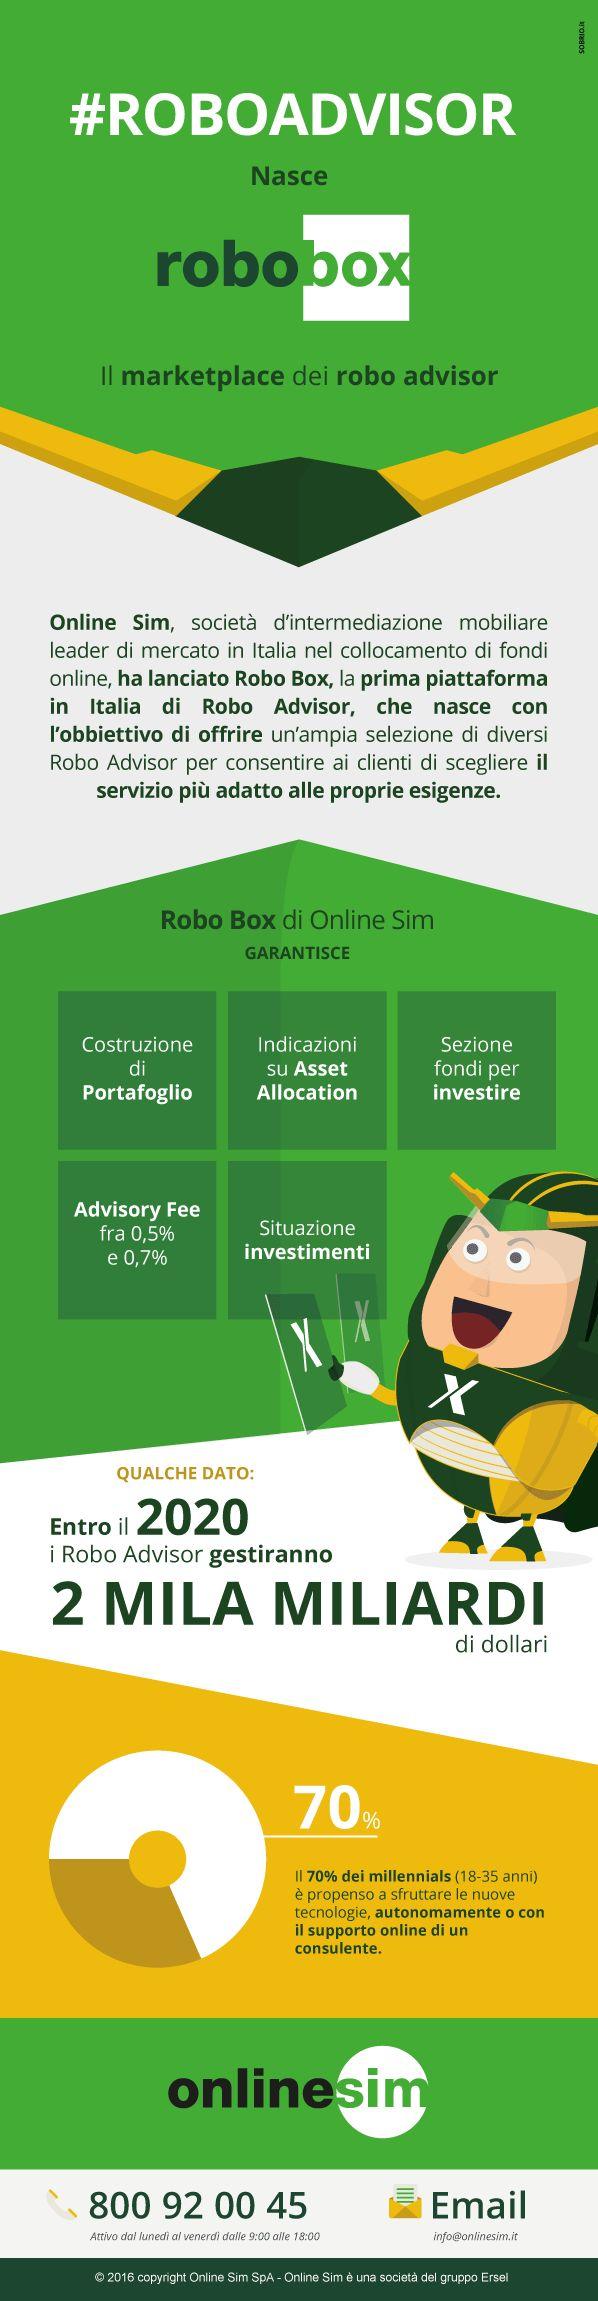 Robo Box è la prima piattaforma in Italia di robo advisor, che nasce con l'obiettivo di offrire un'ampia selezione di diversi robo advisor per consentire ai clienti di scegliere il servizio più adatto alle proprie esigenze. Robo Box è un servizio di Online Sim.